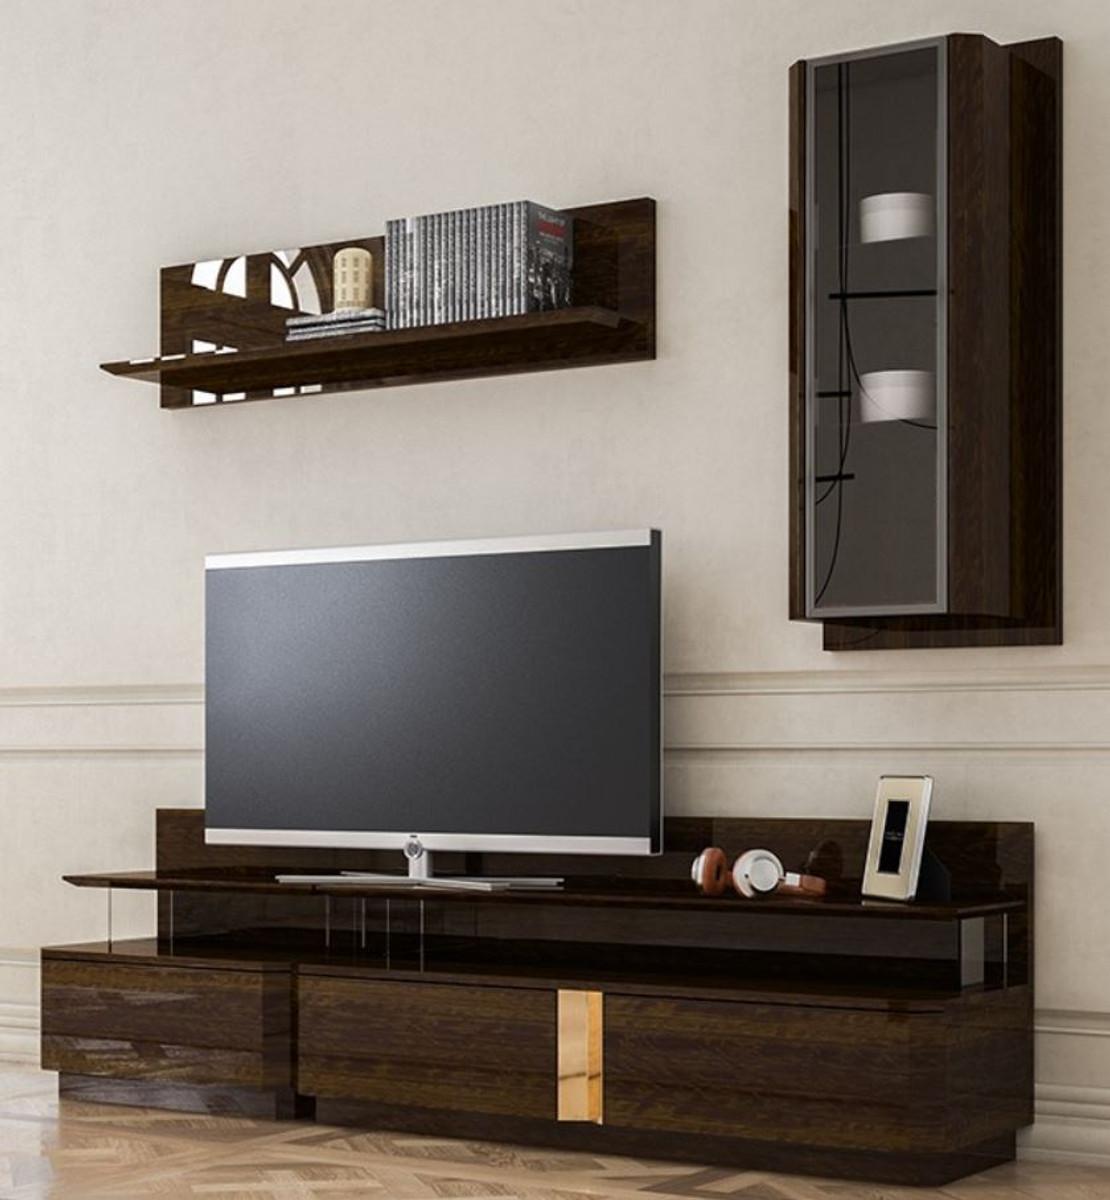 Casa Padrino Luxus Wohnzimmer TV Schrank Set Braun / Grau / Gold - 8 TV  Schrank & 8 Hängeschrank & 8 Wandregal - Edles Wohnzimmer Möbel Set - Luxus